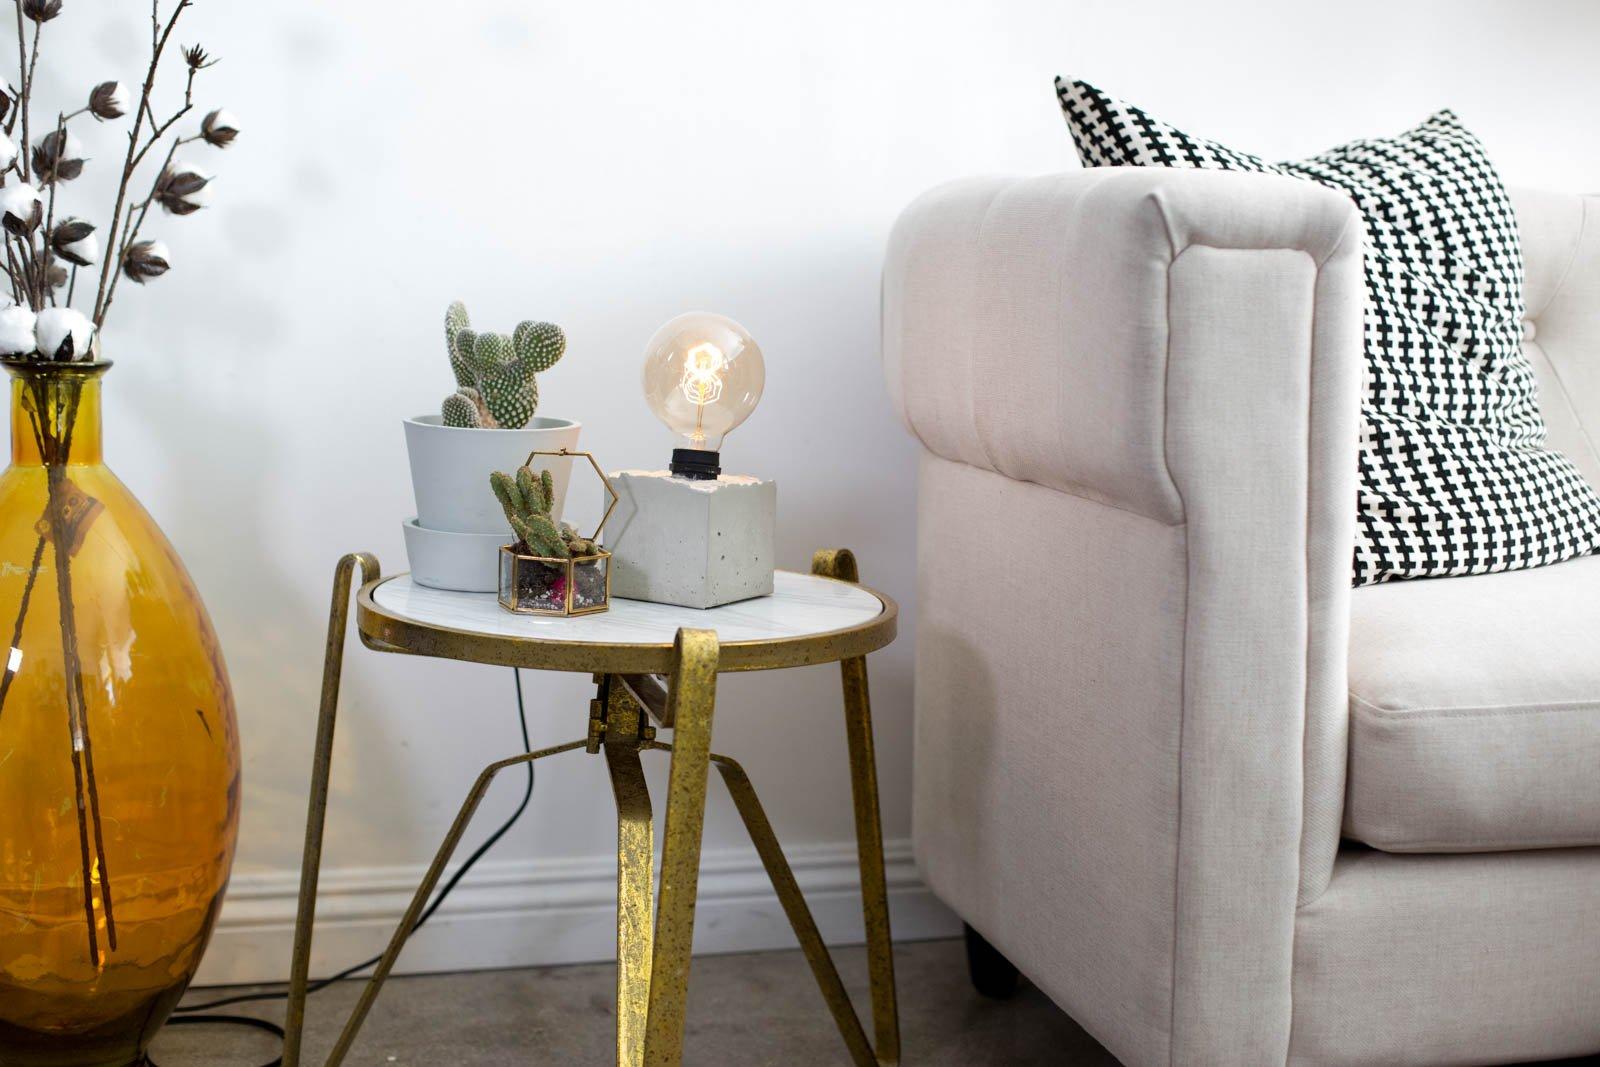 Betonlampe selber machen - Ideen und Anregungen